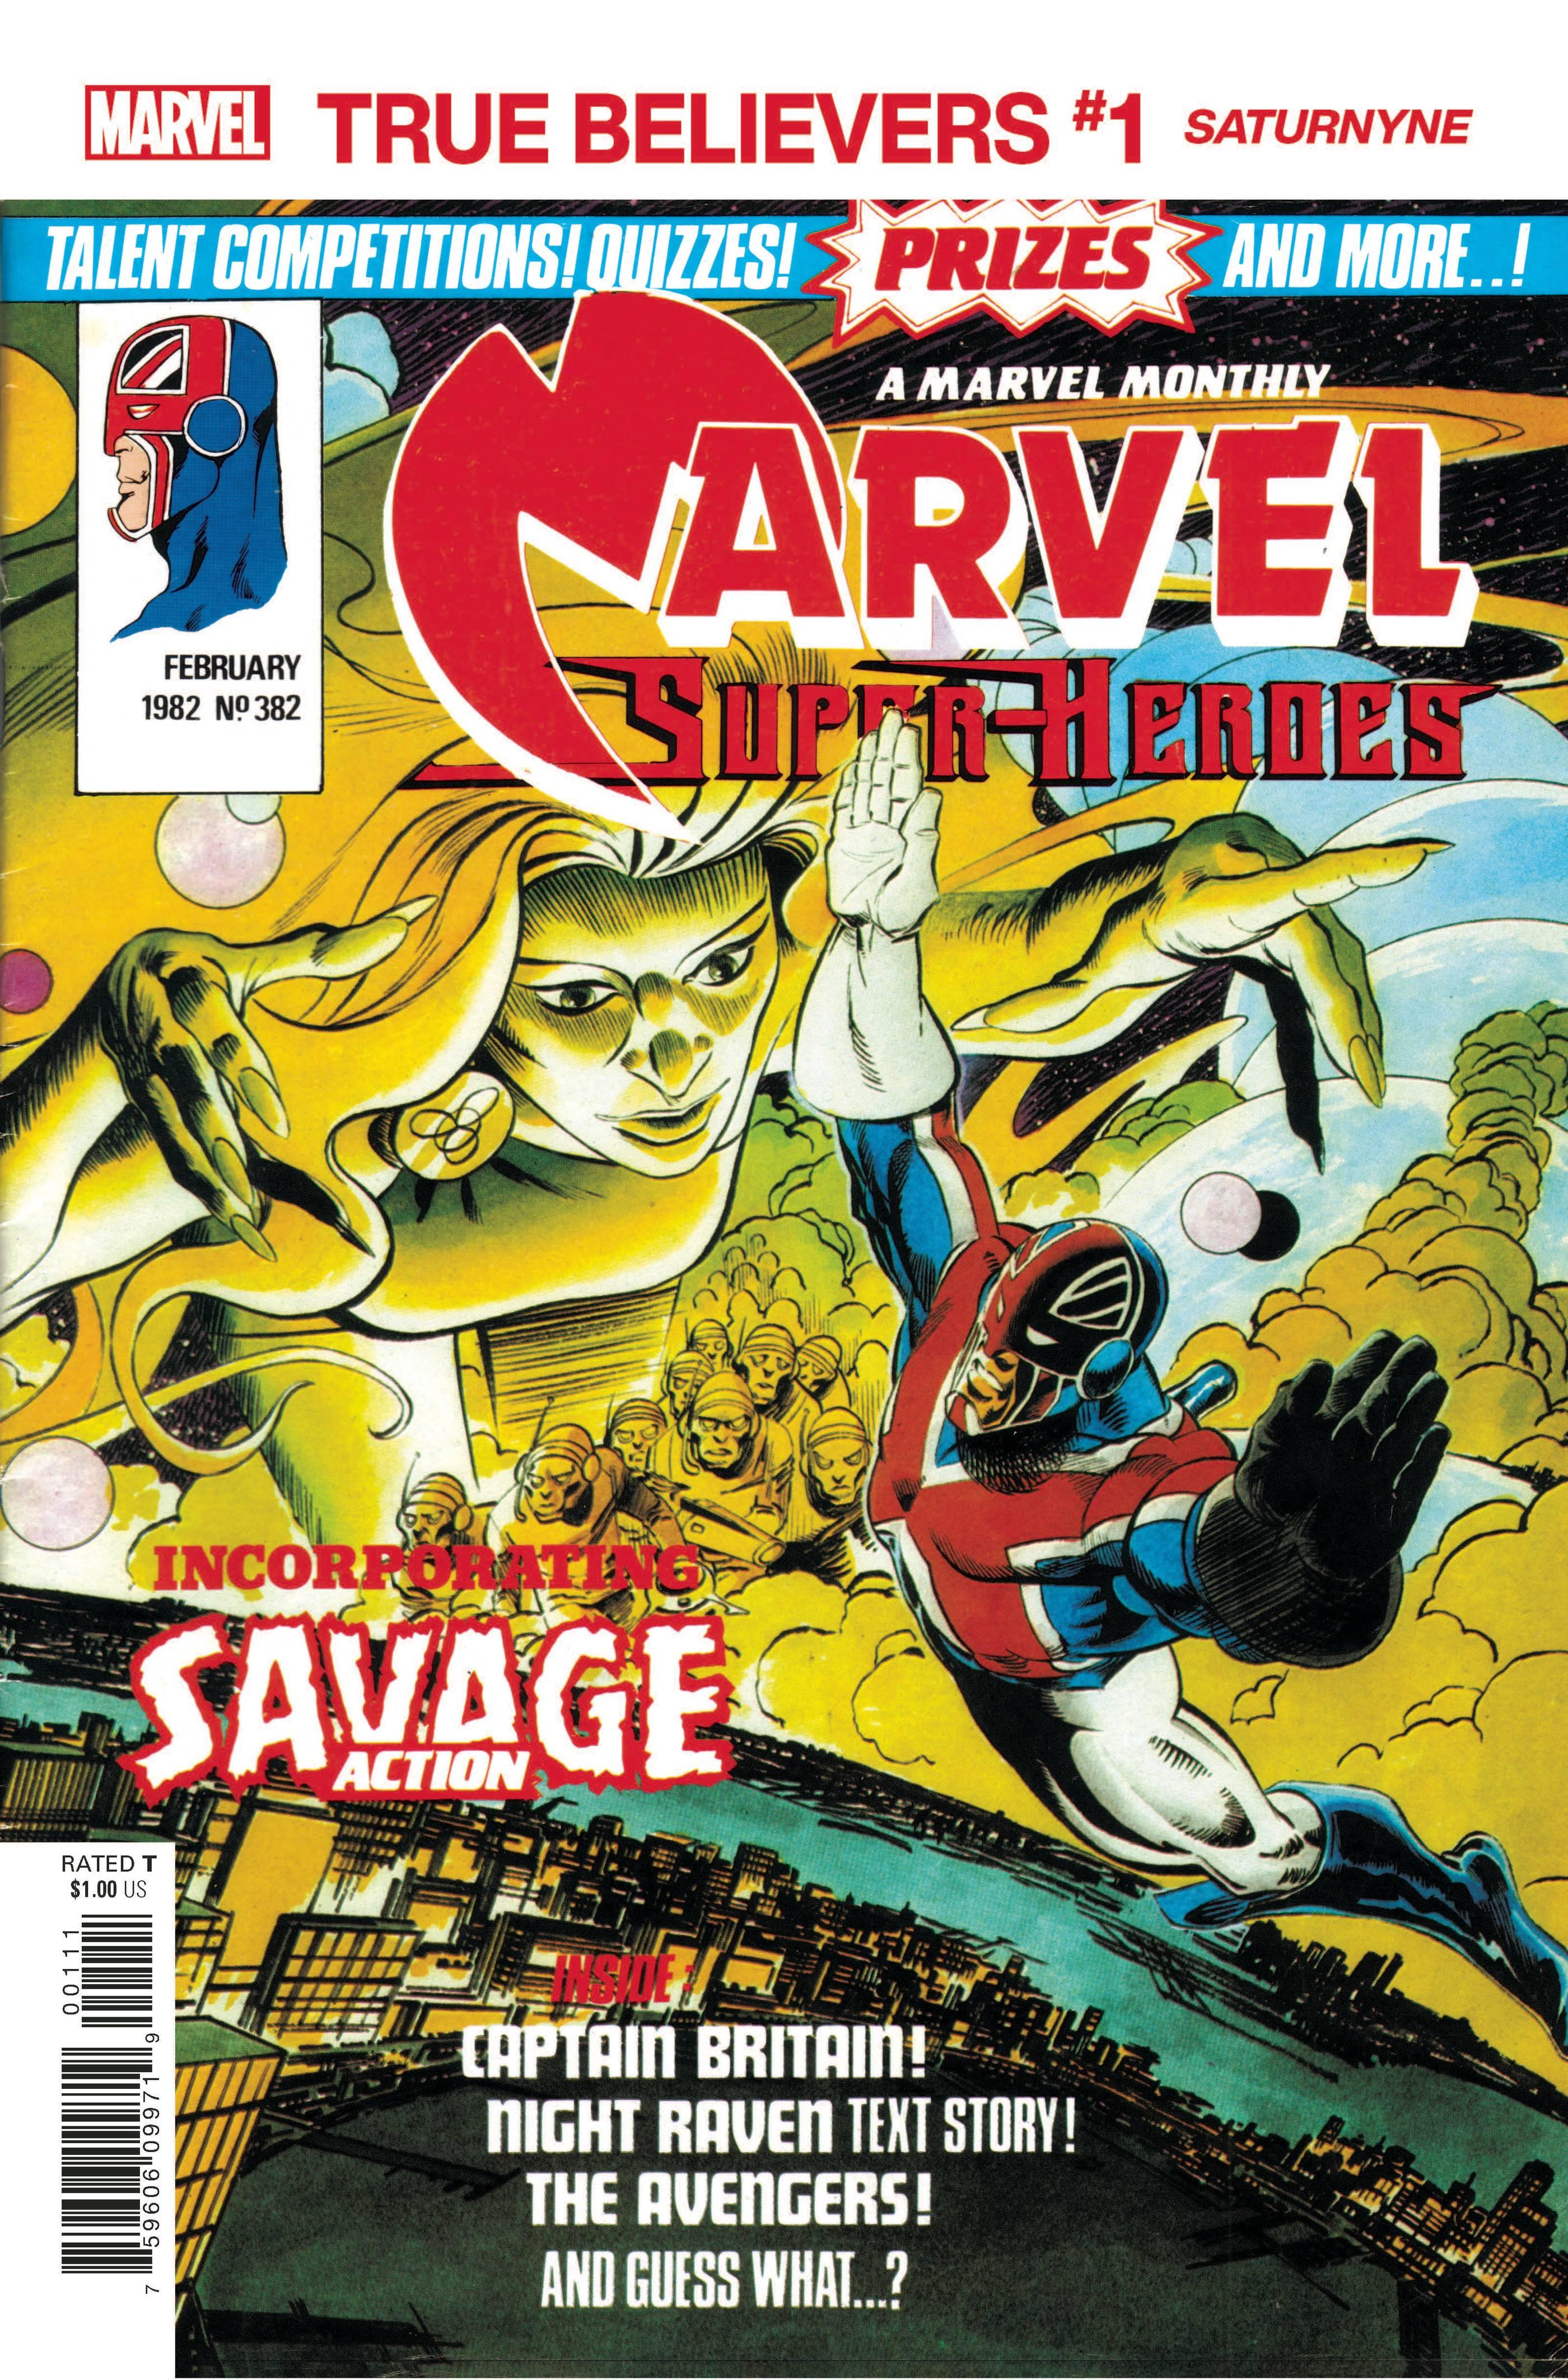 True Believers: X-Men - Saturnyne Vol 1 1